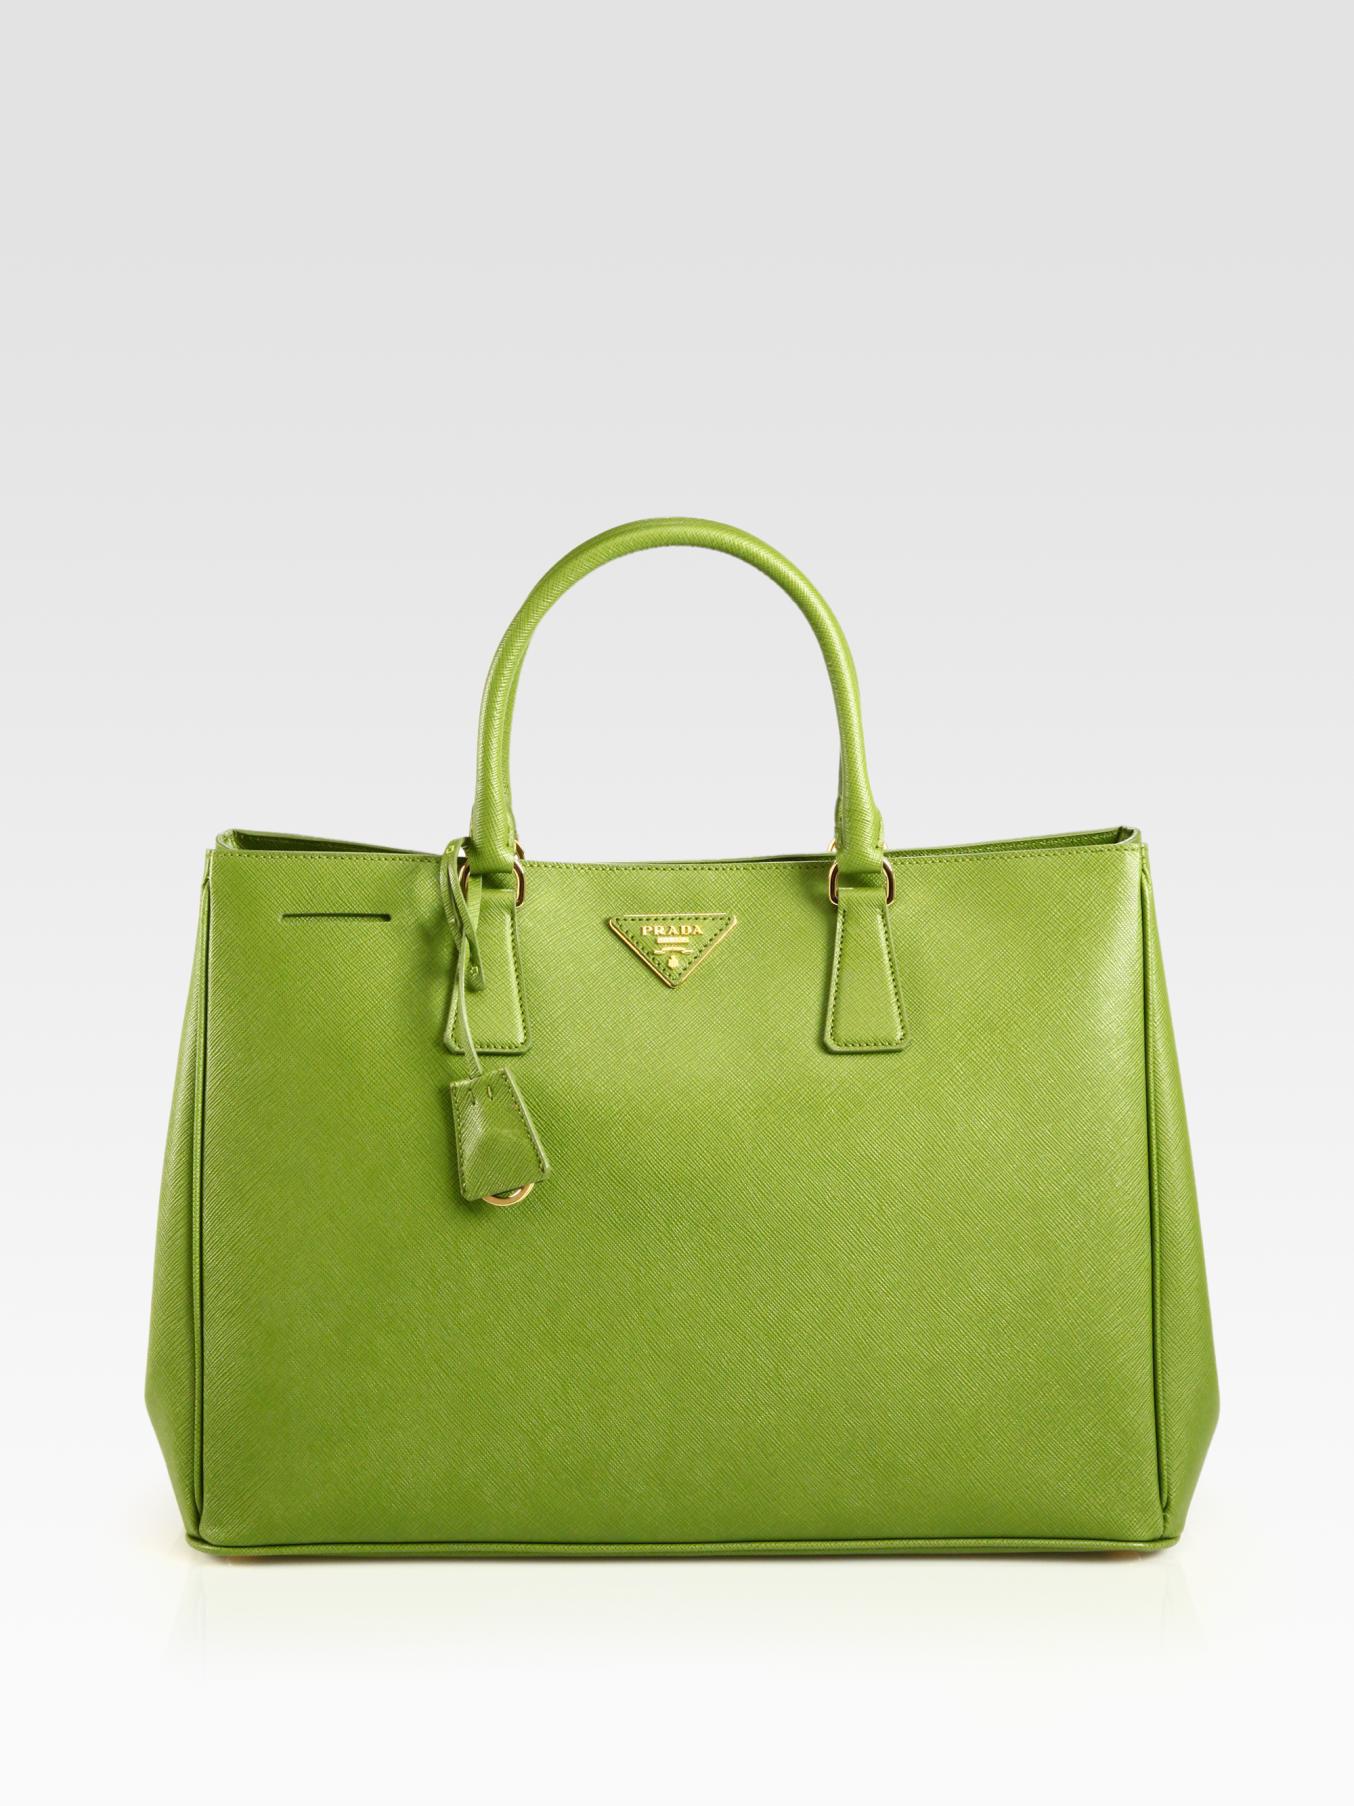 Prada Handbag Green